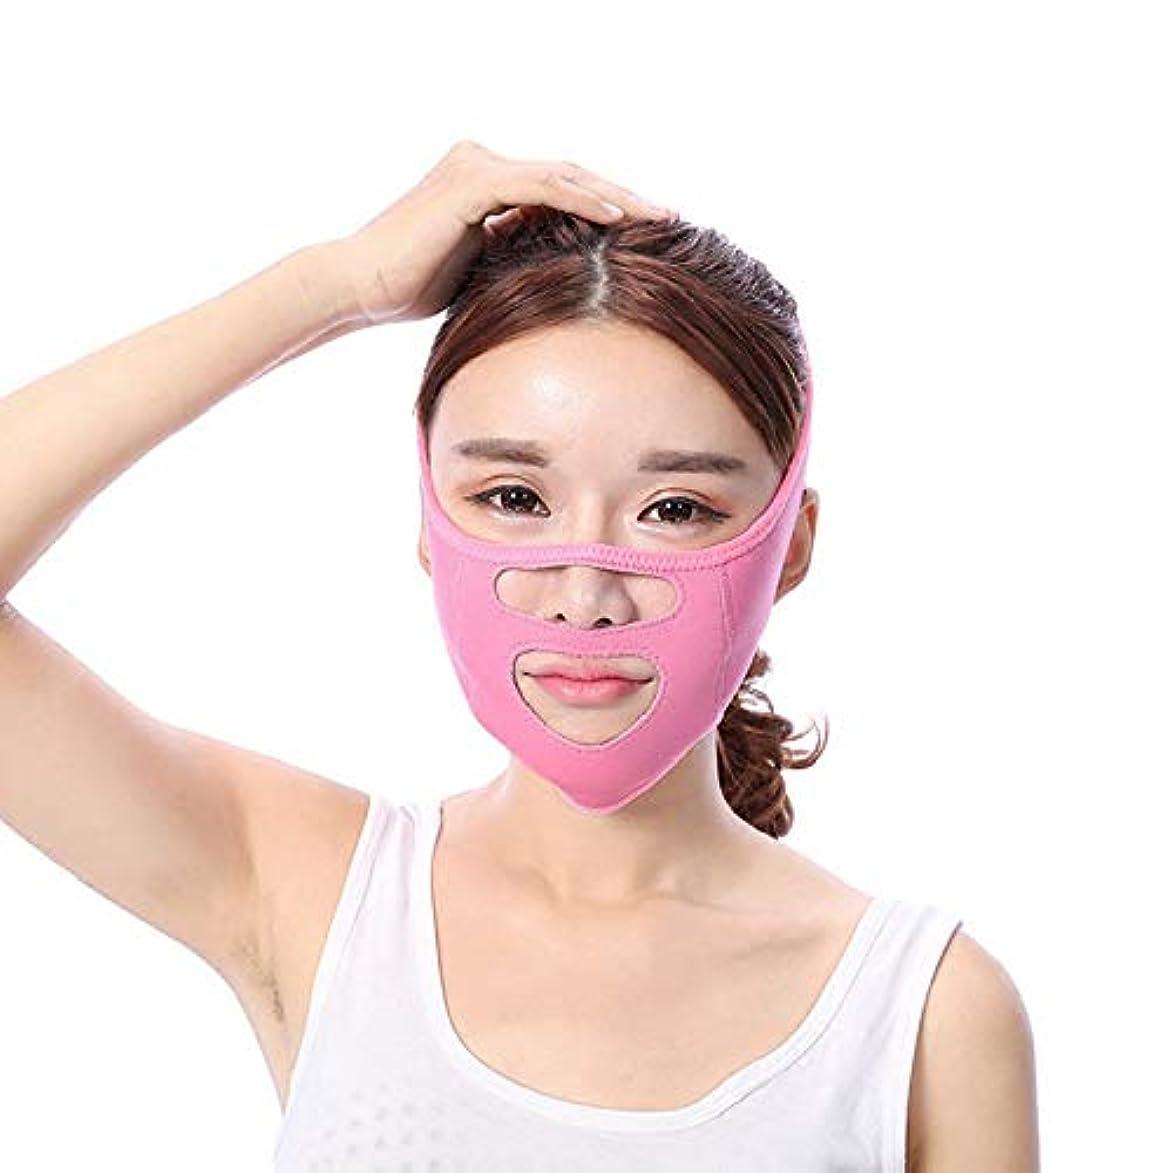 チャーミングに頼るブレイズフェイスリフトベルトフェイスバンデージ美容機器リフティングファインディングダブルチン法令Vマスク睡眠マスク通気性 美しさ